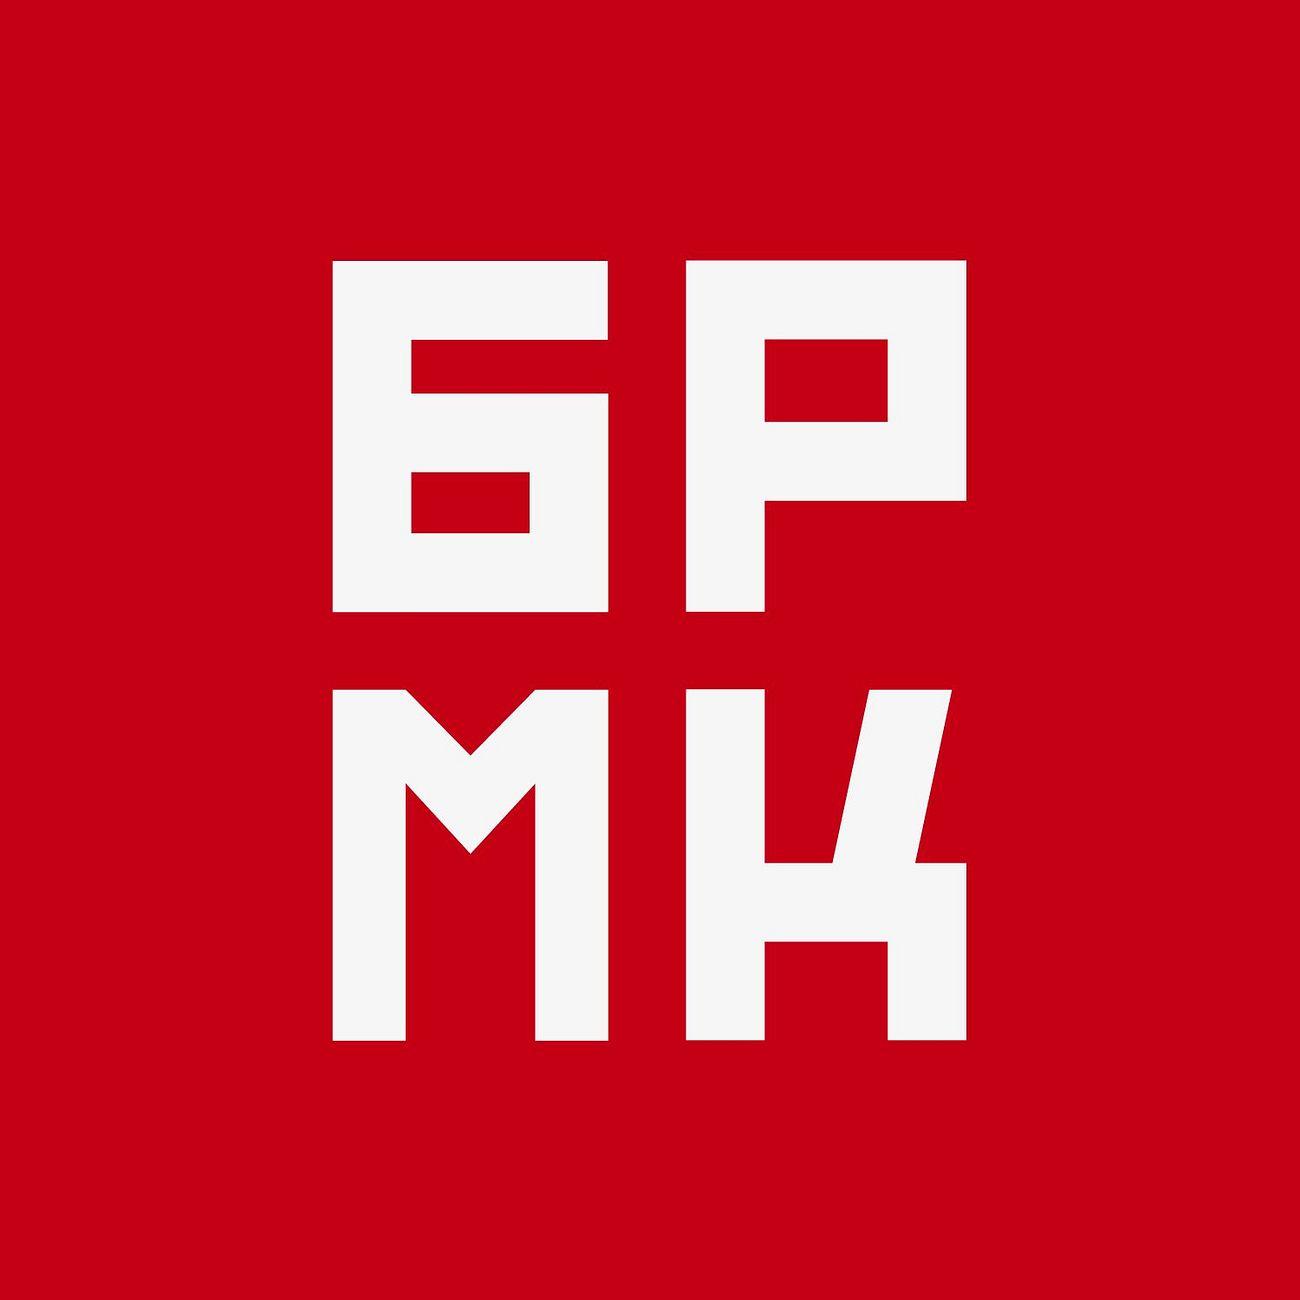 Белорусский Региональный Марксистский Кружок